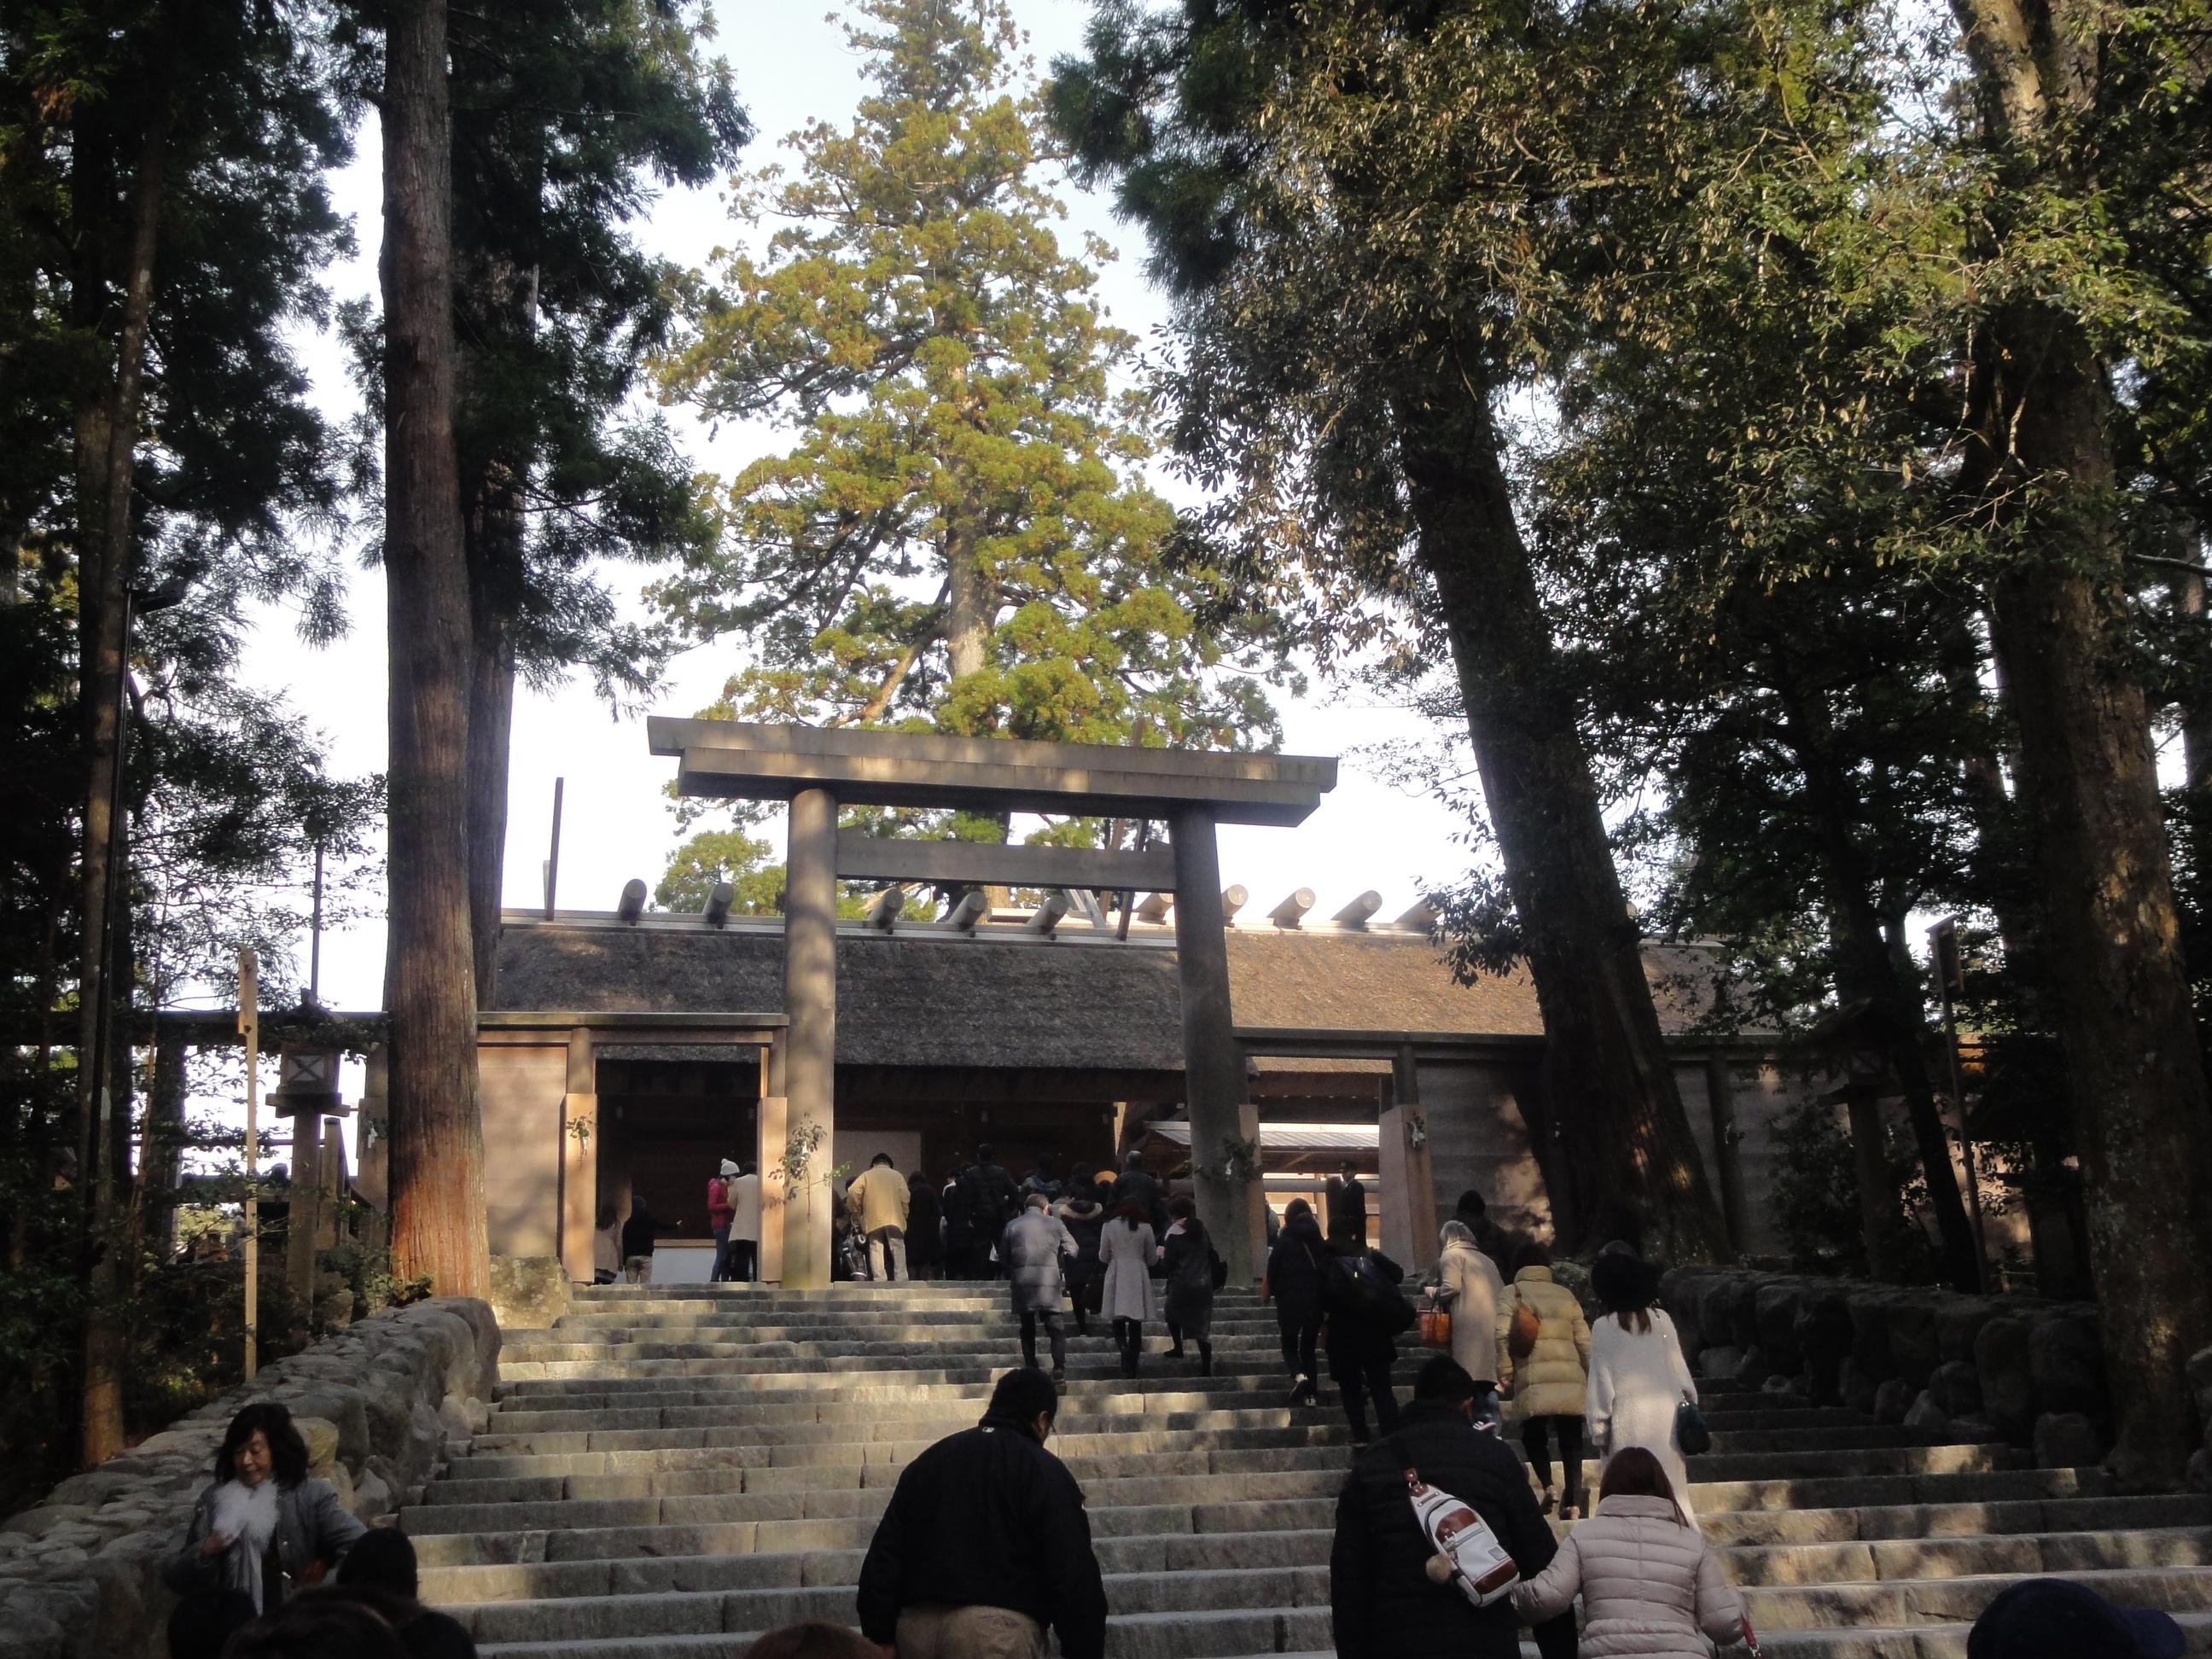 小浜から鳥羽水族館・伊勢神宮参拝 旅行(その2)